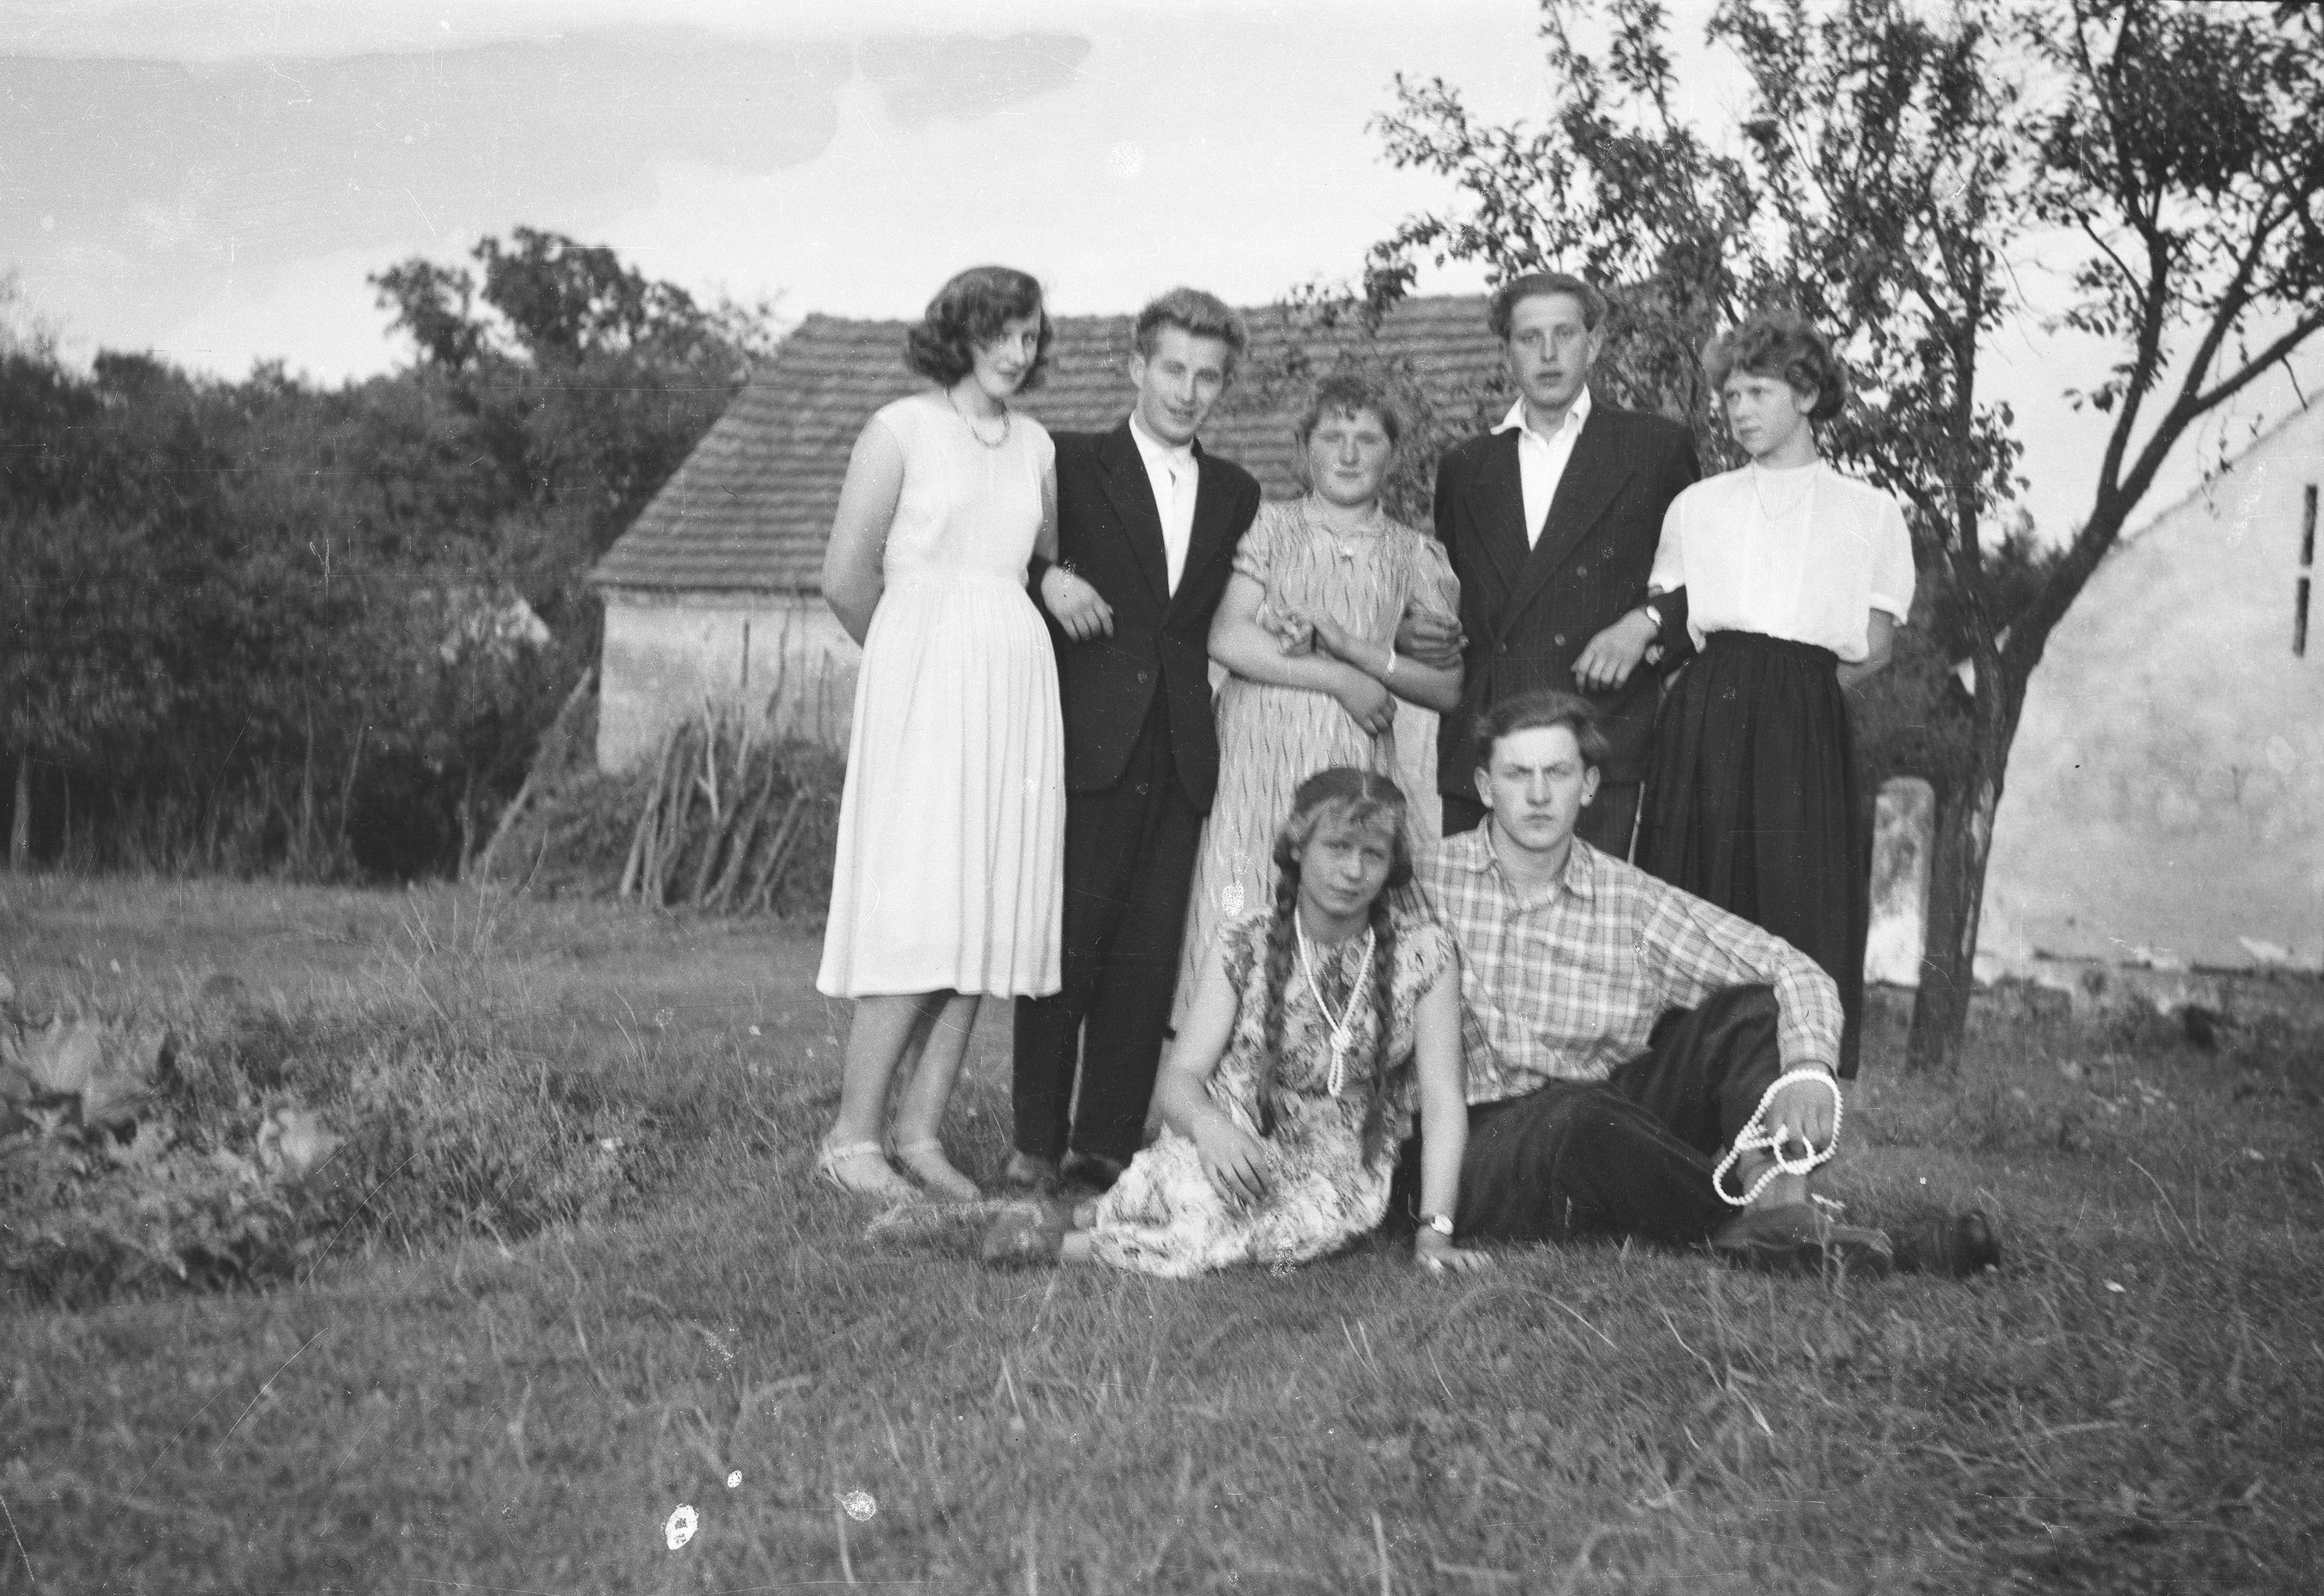 Młodzież z Brzózki, z prawej strony siedzi Augustyn Czyżowicz, Brzózka, Dolny Śląsk, lata 50. XX w.